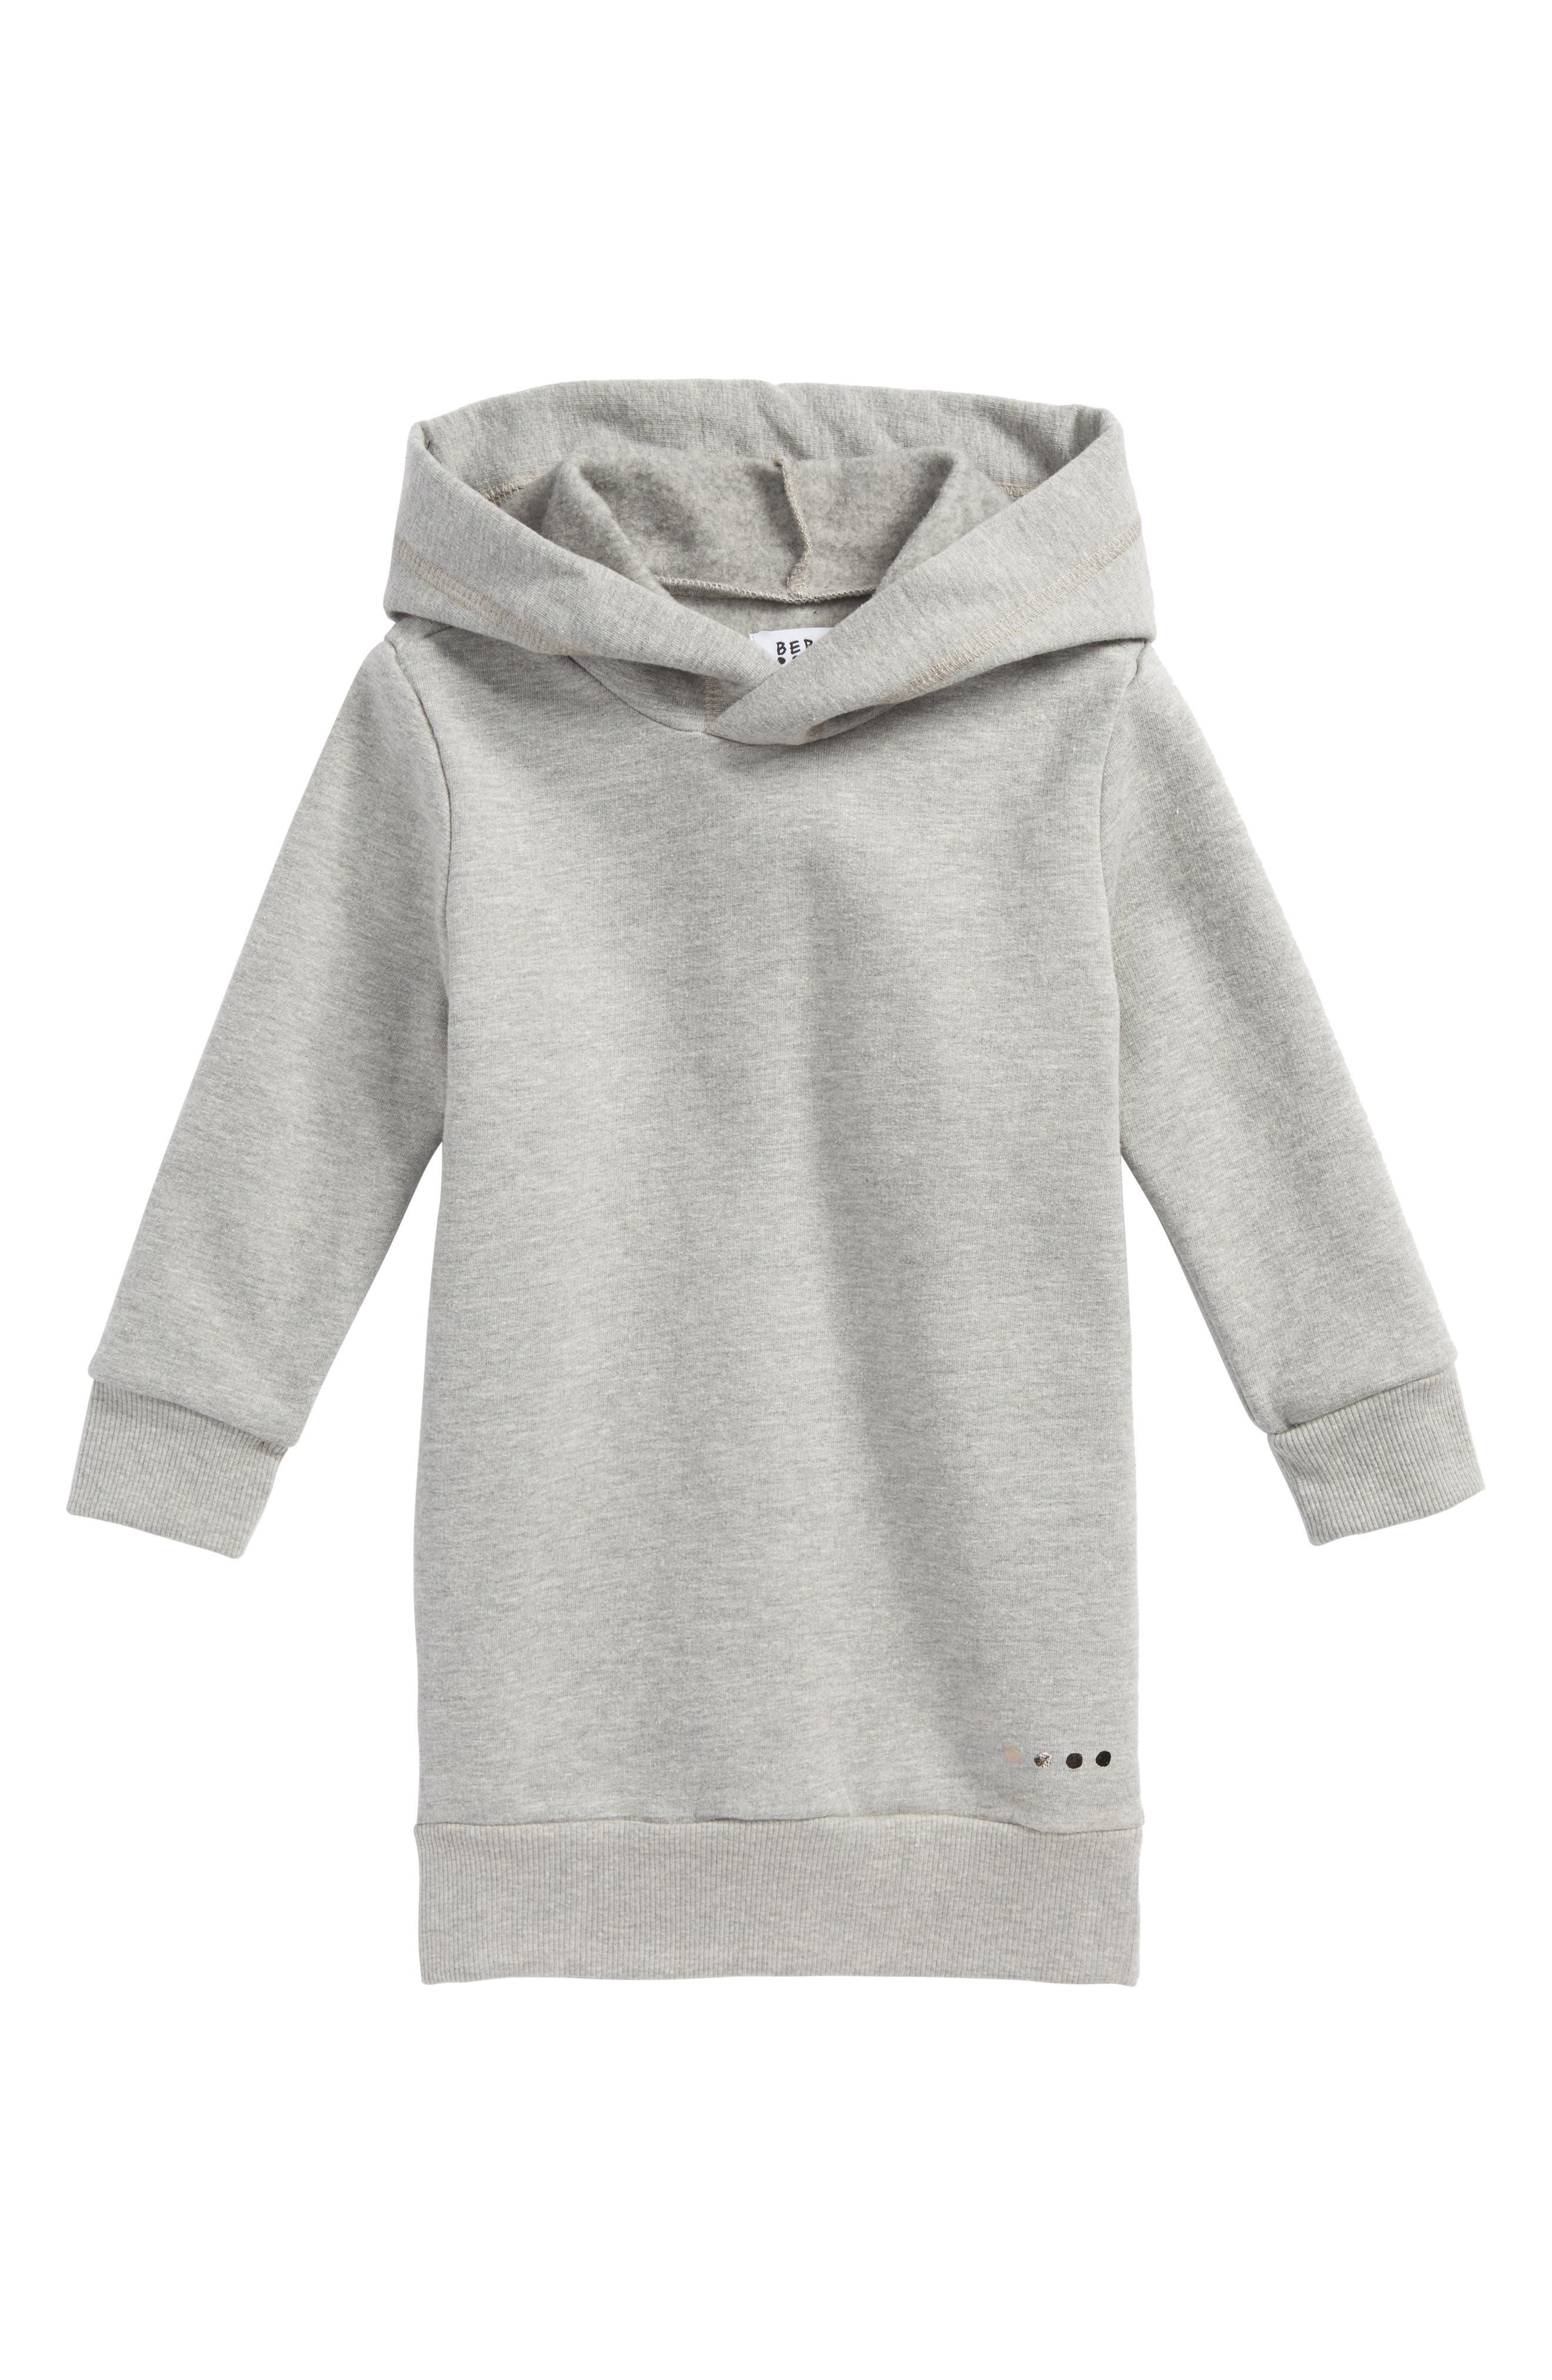 Beru Luna Hooded Sweatshirt Dress (Toddler Girls & Little Girls)